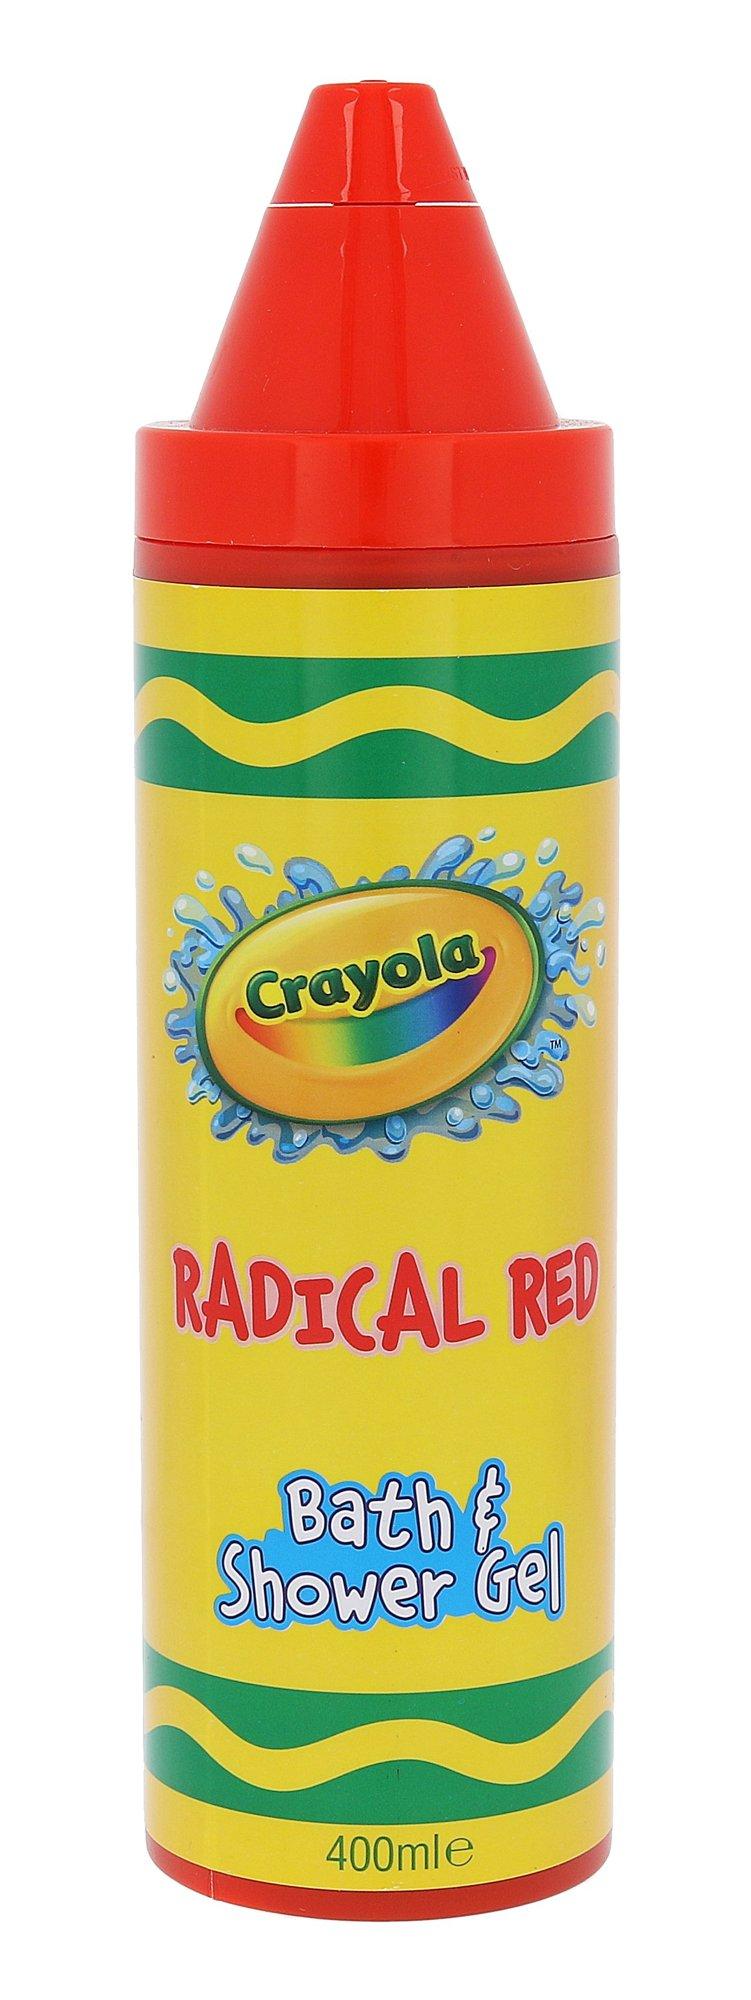 Crayola Bath & Shower Gel Cosmetic 400ml Radical Red